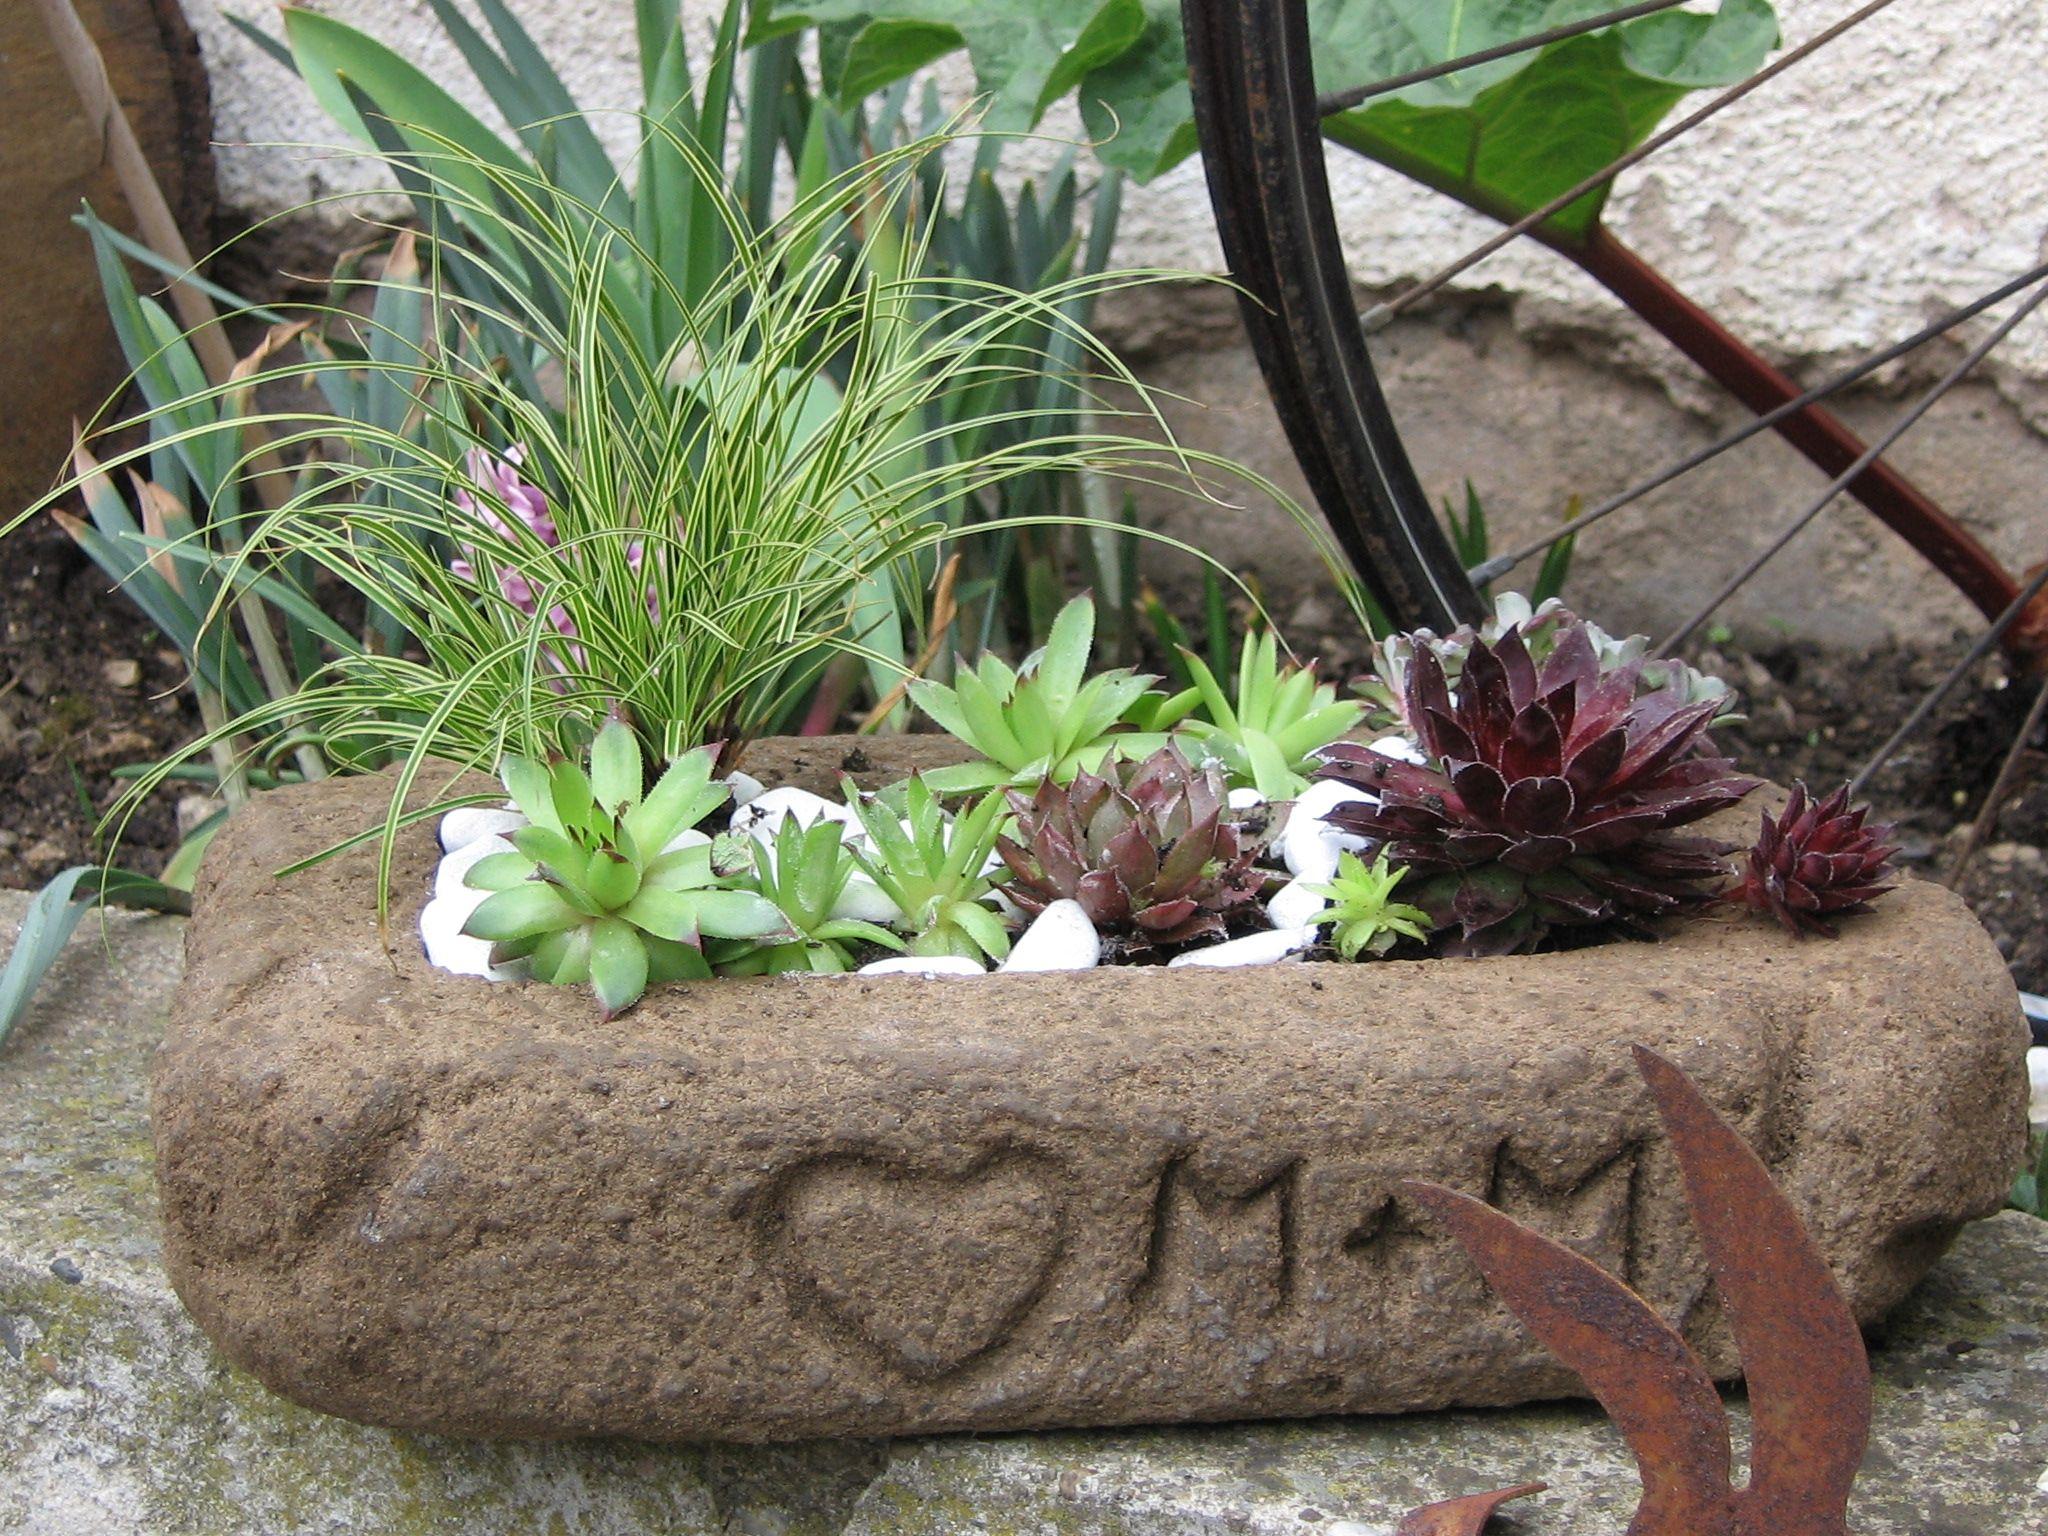 tr gle pflanzschale aus beton hypertufa garten pinterest pflanzen garten und gartenweg. Black Bedroom Furniture Sets. Home Design Ideas